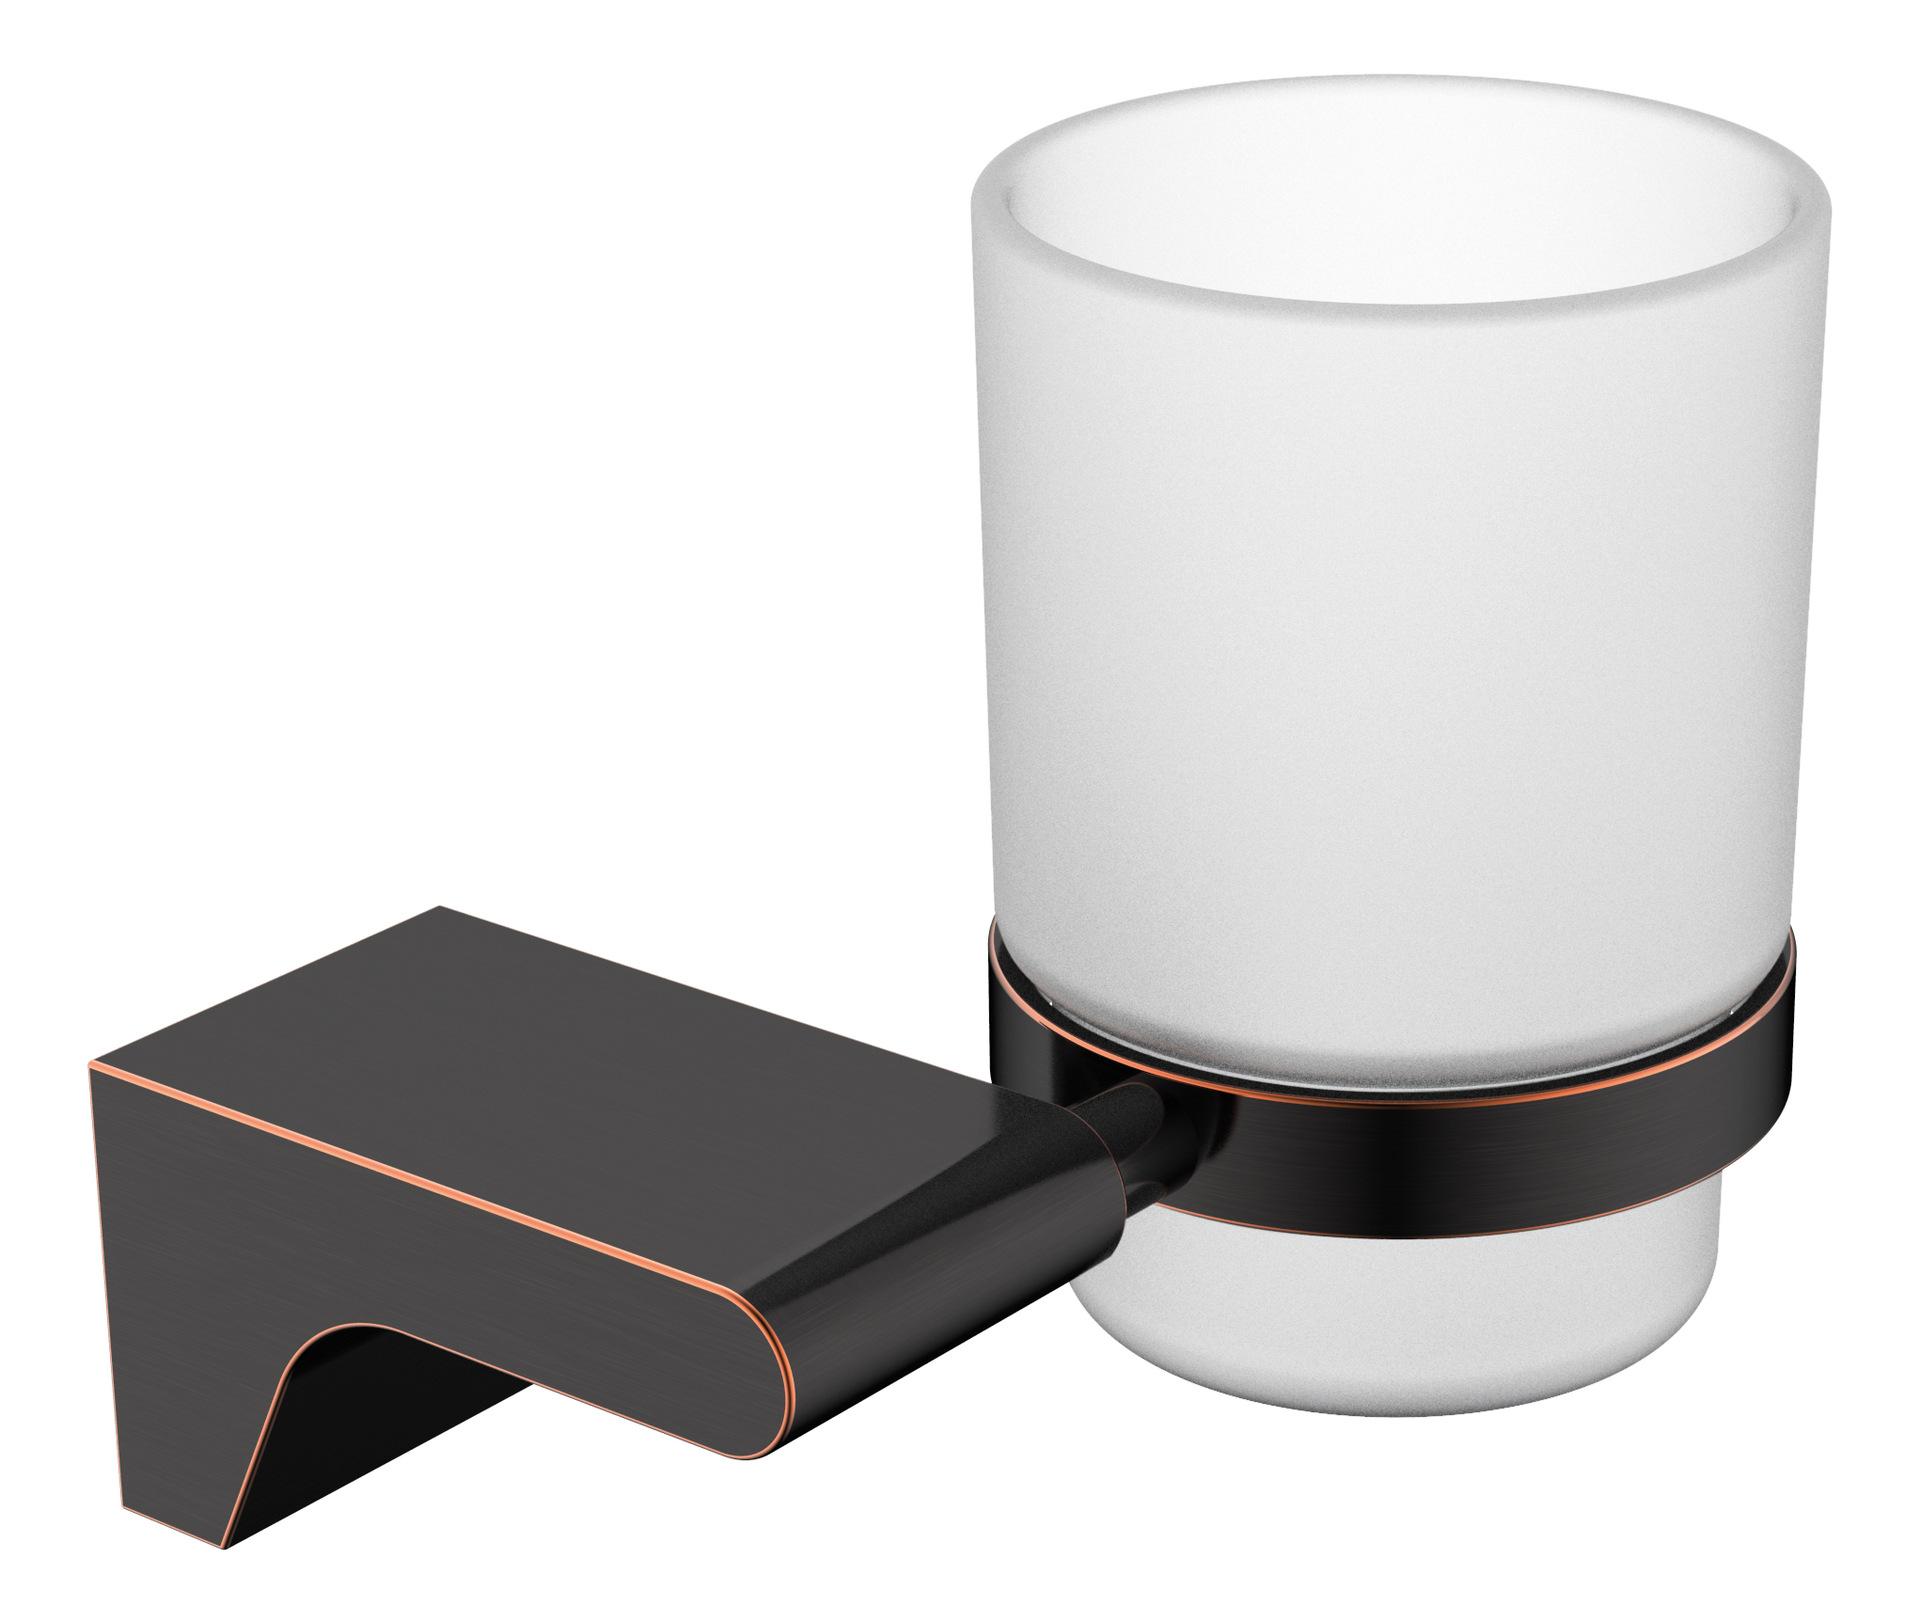 Комплект оборудования для ванной Артикул 651388379580